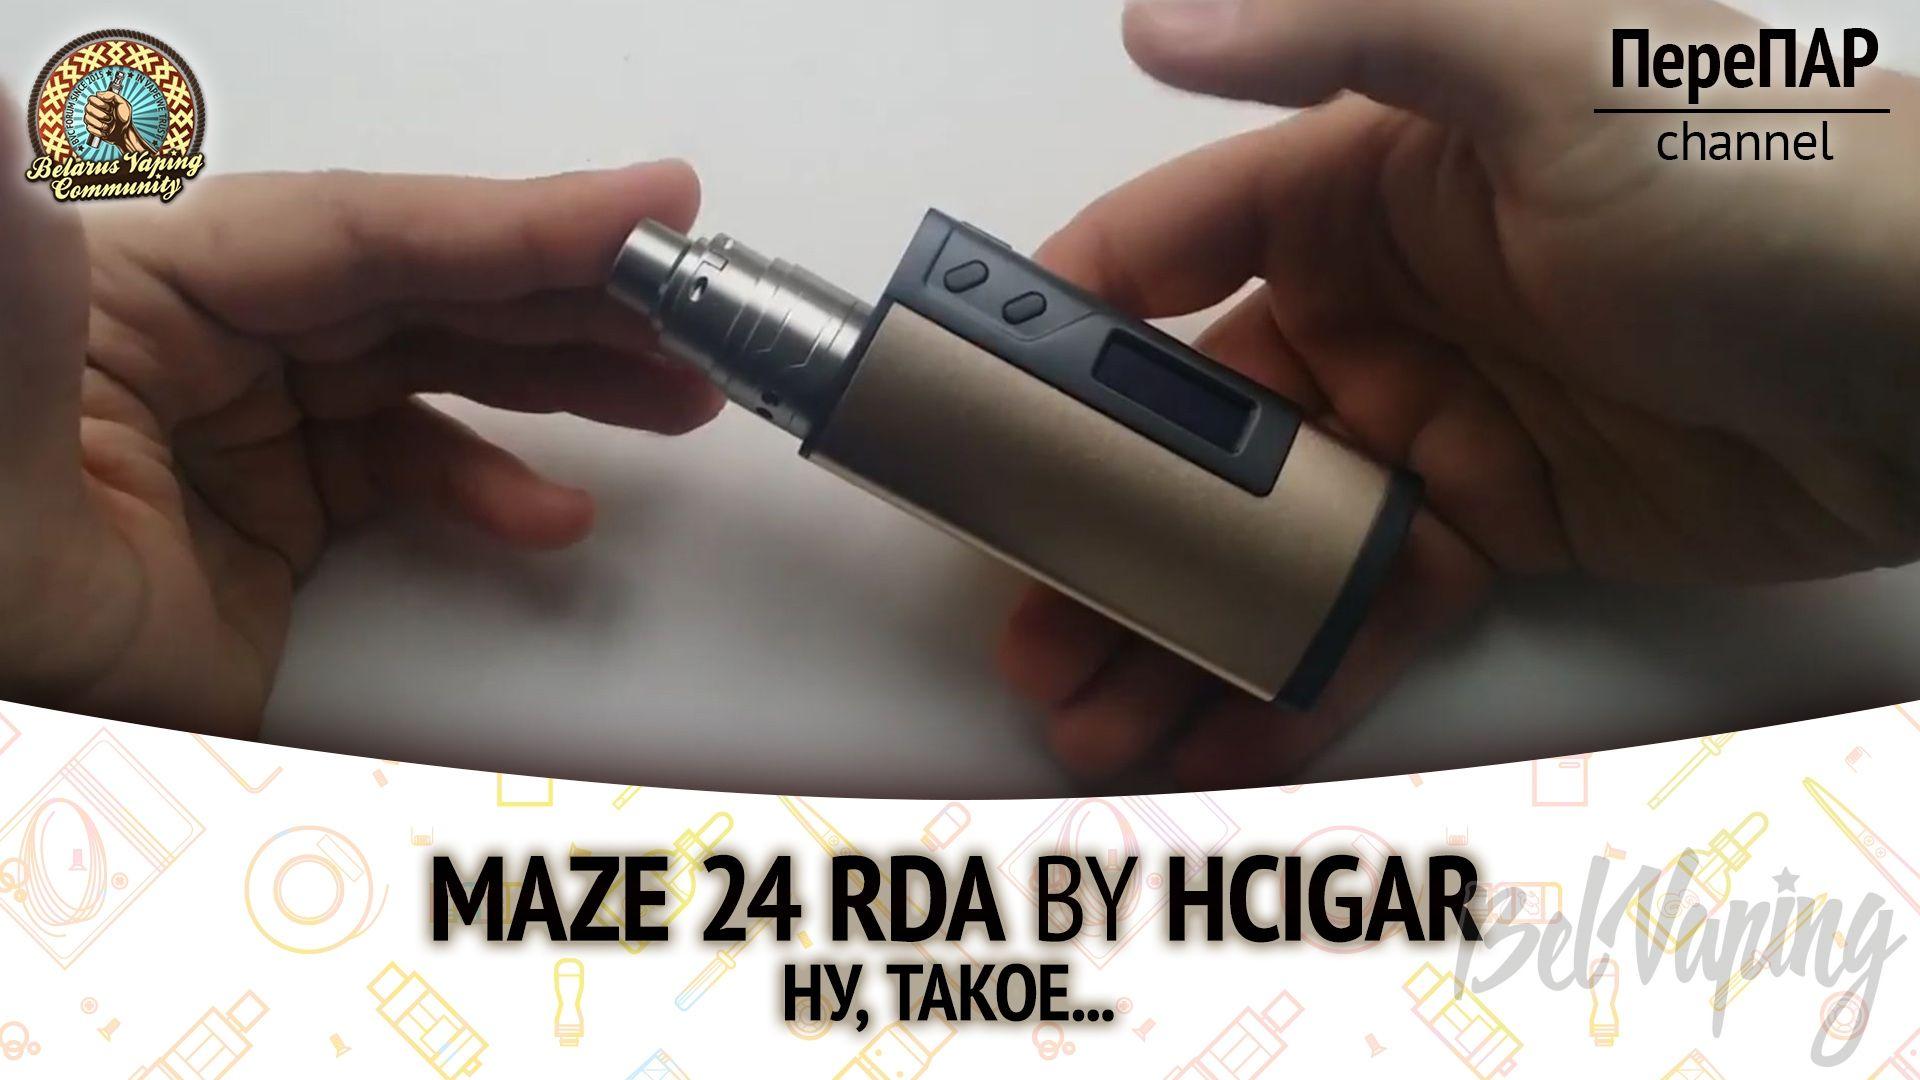 Обзор Maze 24 RDA от HCigar